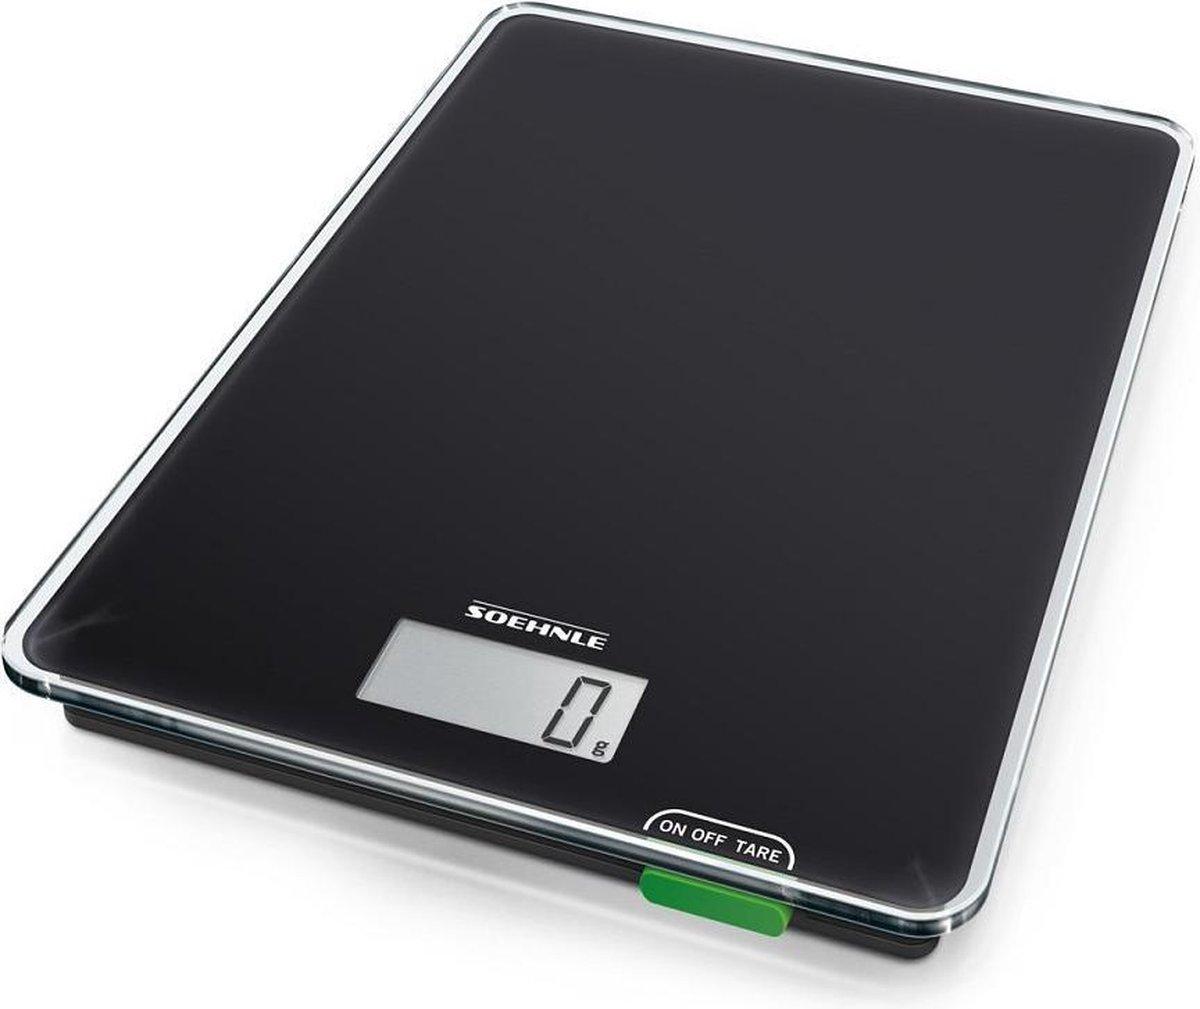 Soehnle Keukenweegschaal Page Compact 100 - Tot 5 kg - Zwart op De Prijzenvolger